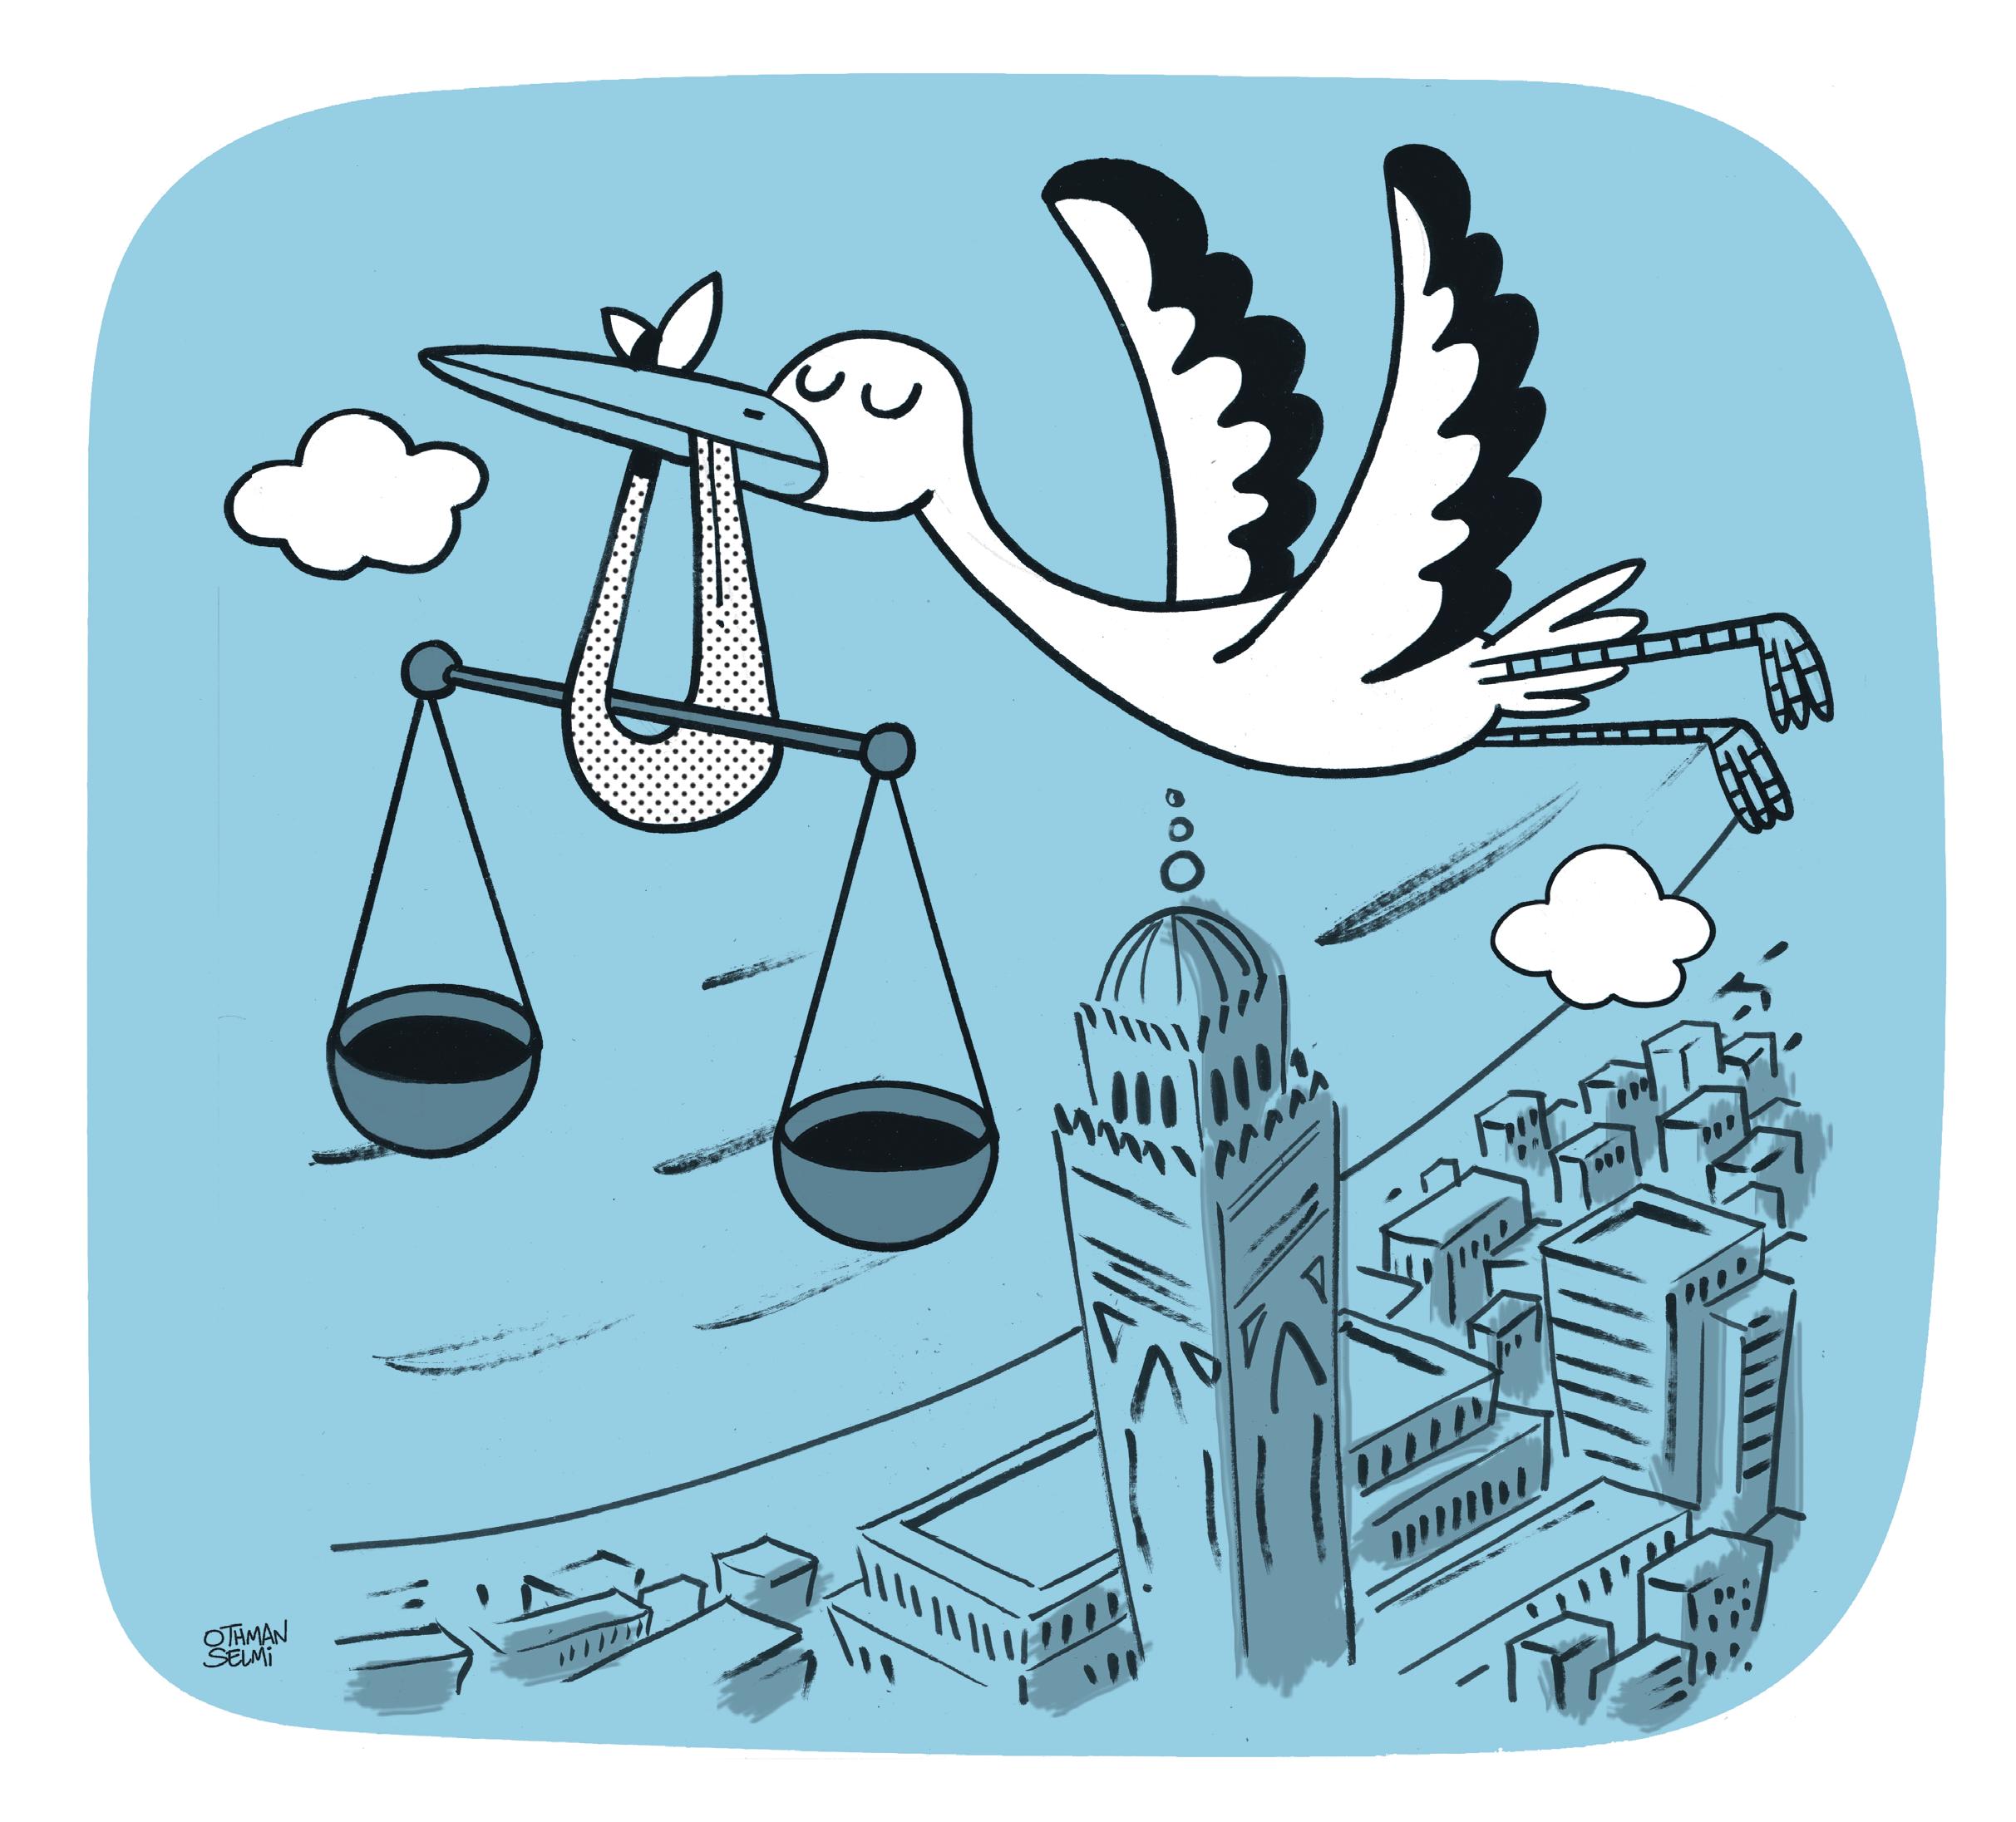 أبرز الأحكام القضائية في المغرب – 2018 (2): أحكام هامة لإلزام الإدارات العامة بتنفيذ أحكام القضاء